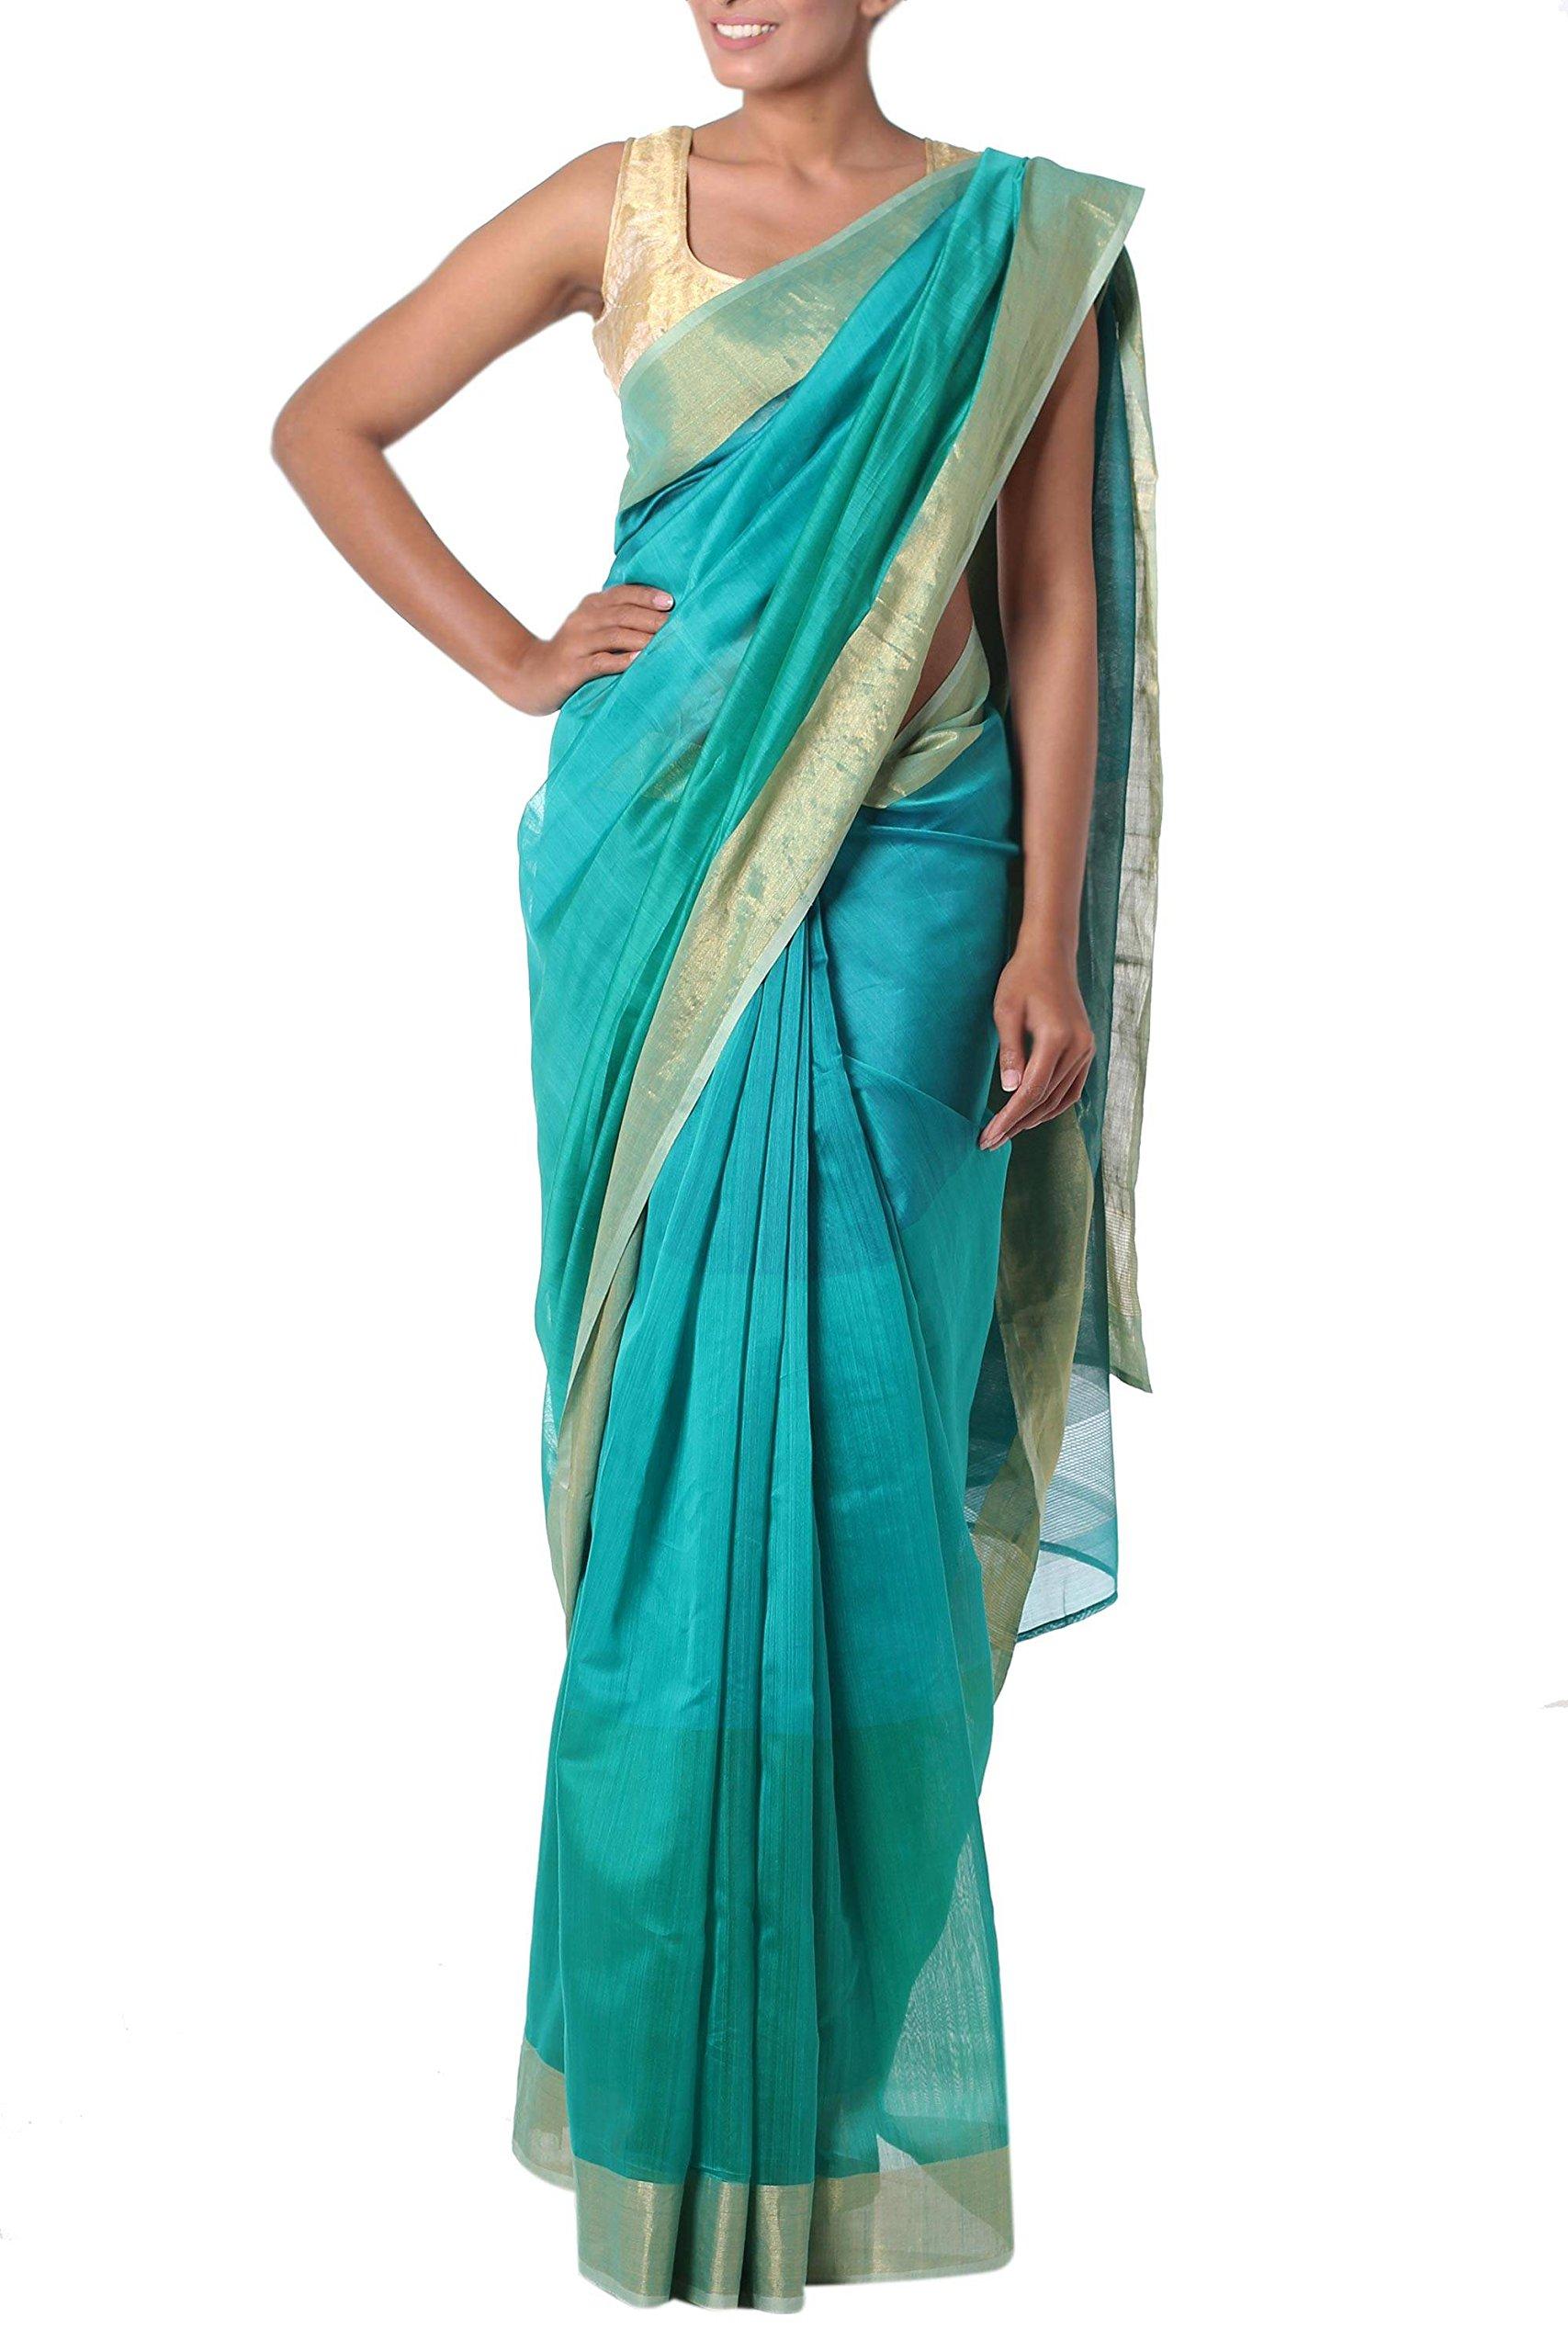 NOVICA Green Cotton and Silk Blend Sari, 'Teal Fantasy'